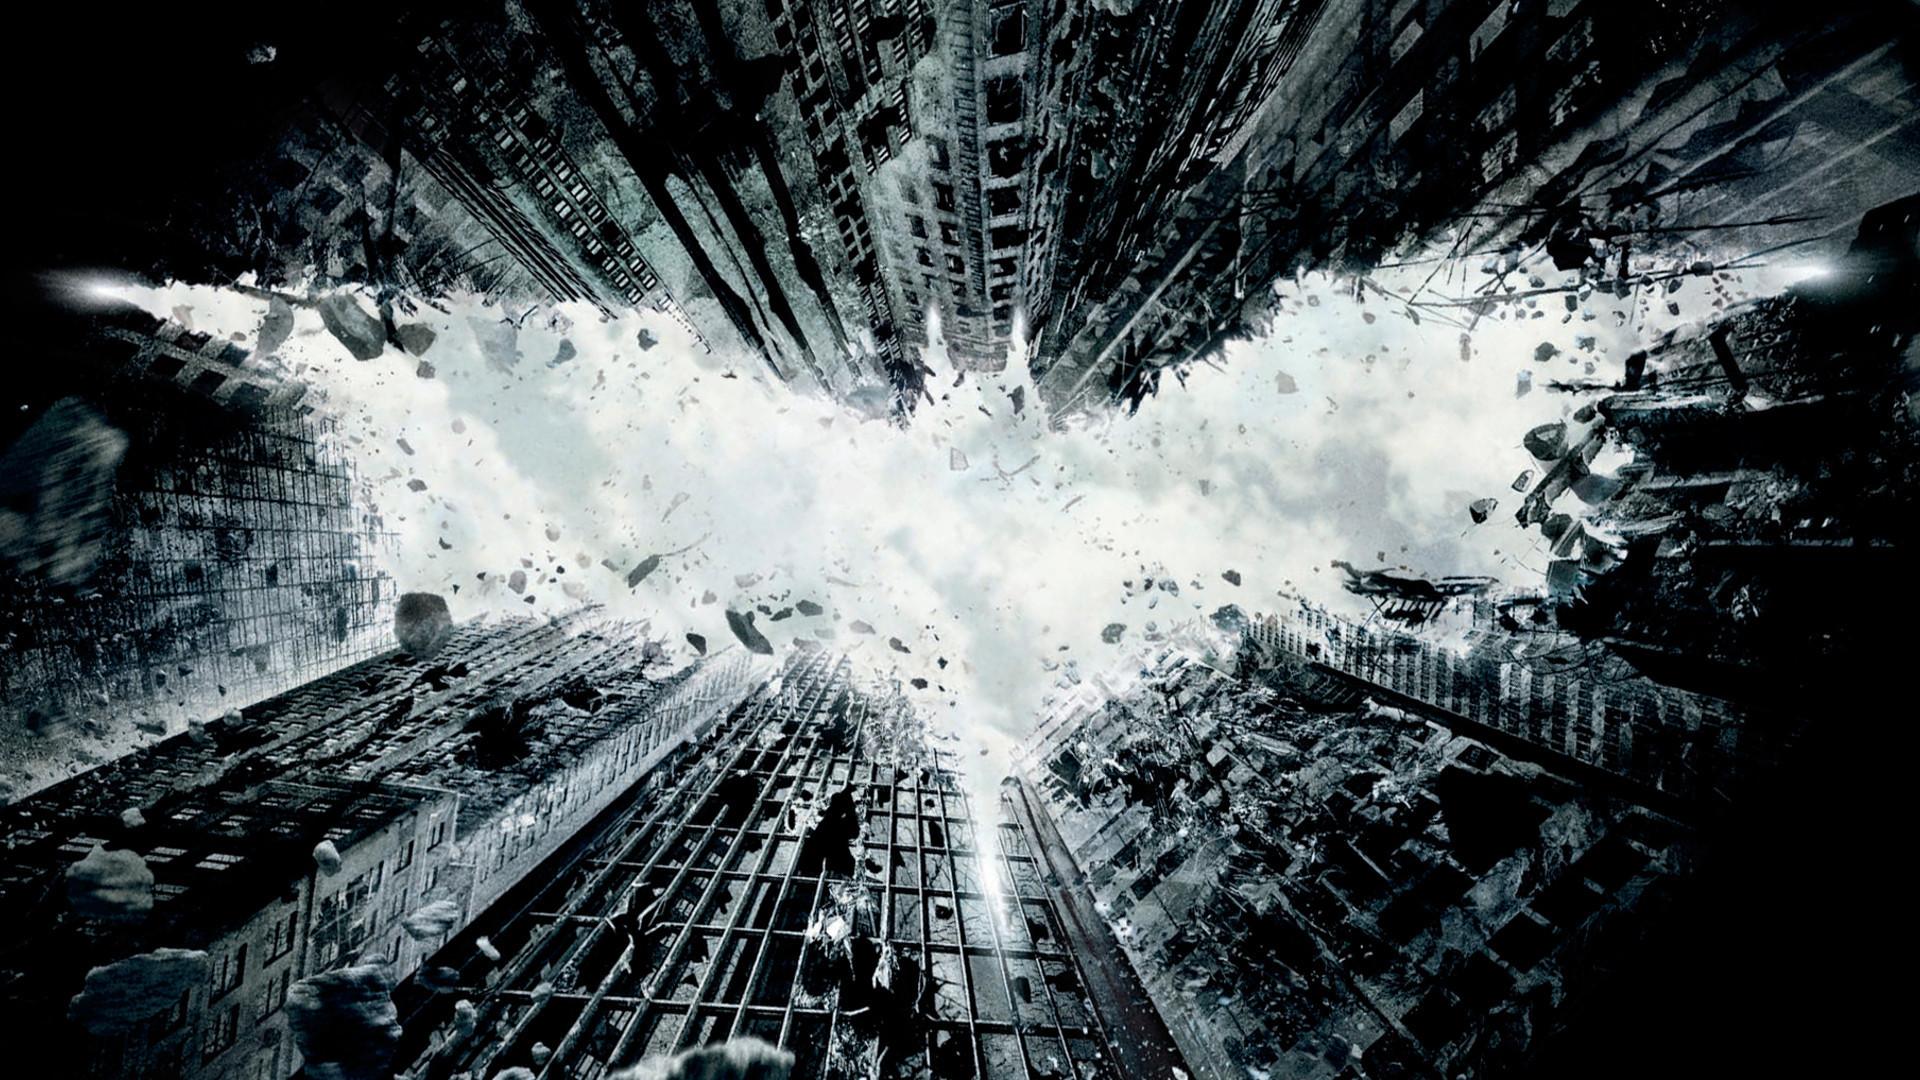 Dark Knight Rises wallpaper   656337 1920x1080